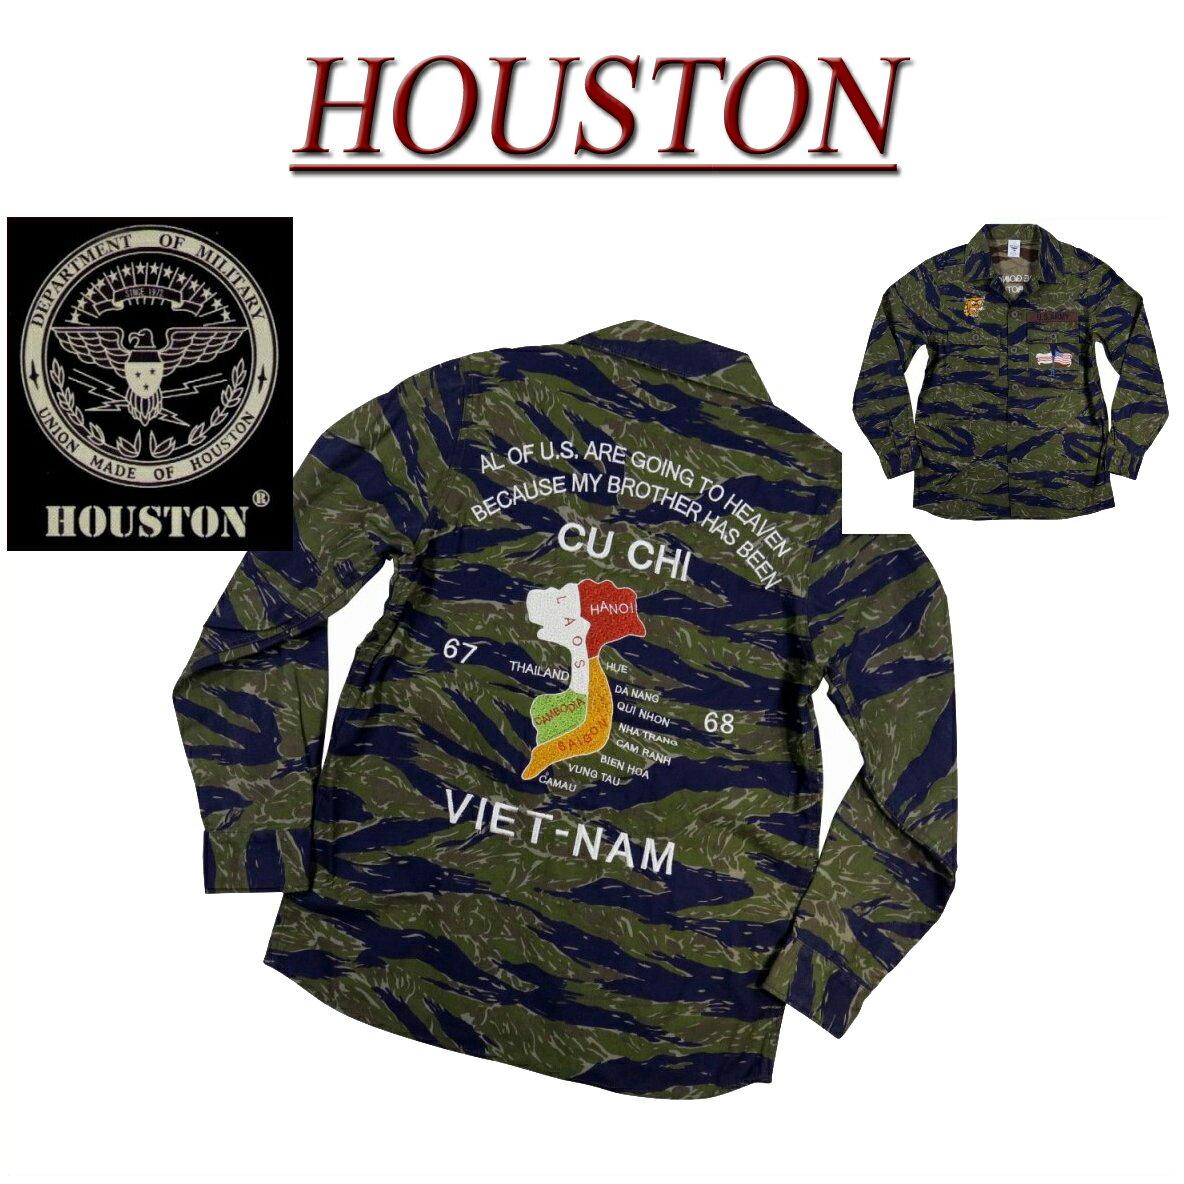 【3サイズ】 jc171 新品 HOUSTON タイガーカモフラージュ VIETNAM U.S.ARMY コットン 長袖 ミリタリーシャツ 40373 メンズ ヒューストン L/S D/F MILITARY SHIRT タイガーストライプ ダブルフェイス 迷彩柄 ワークシャツ 軍シャツ アメカジ 【smtb-kd】